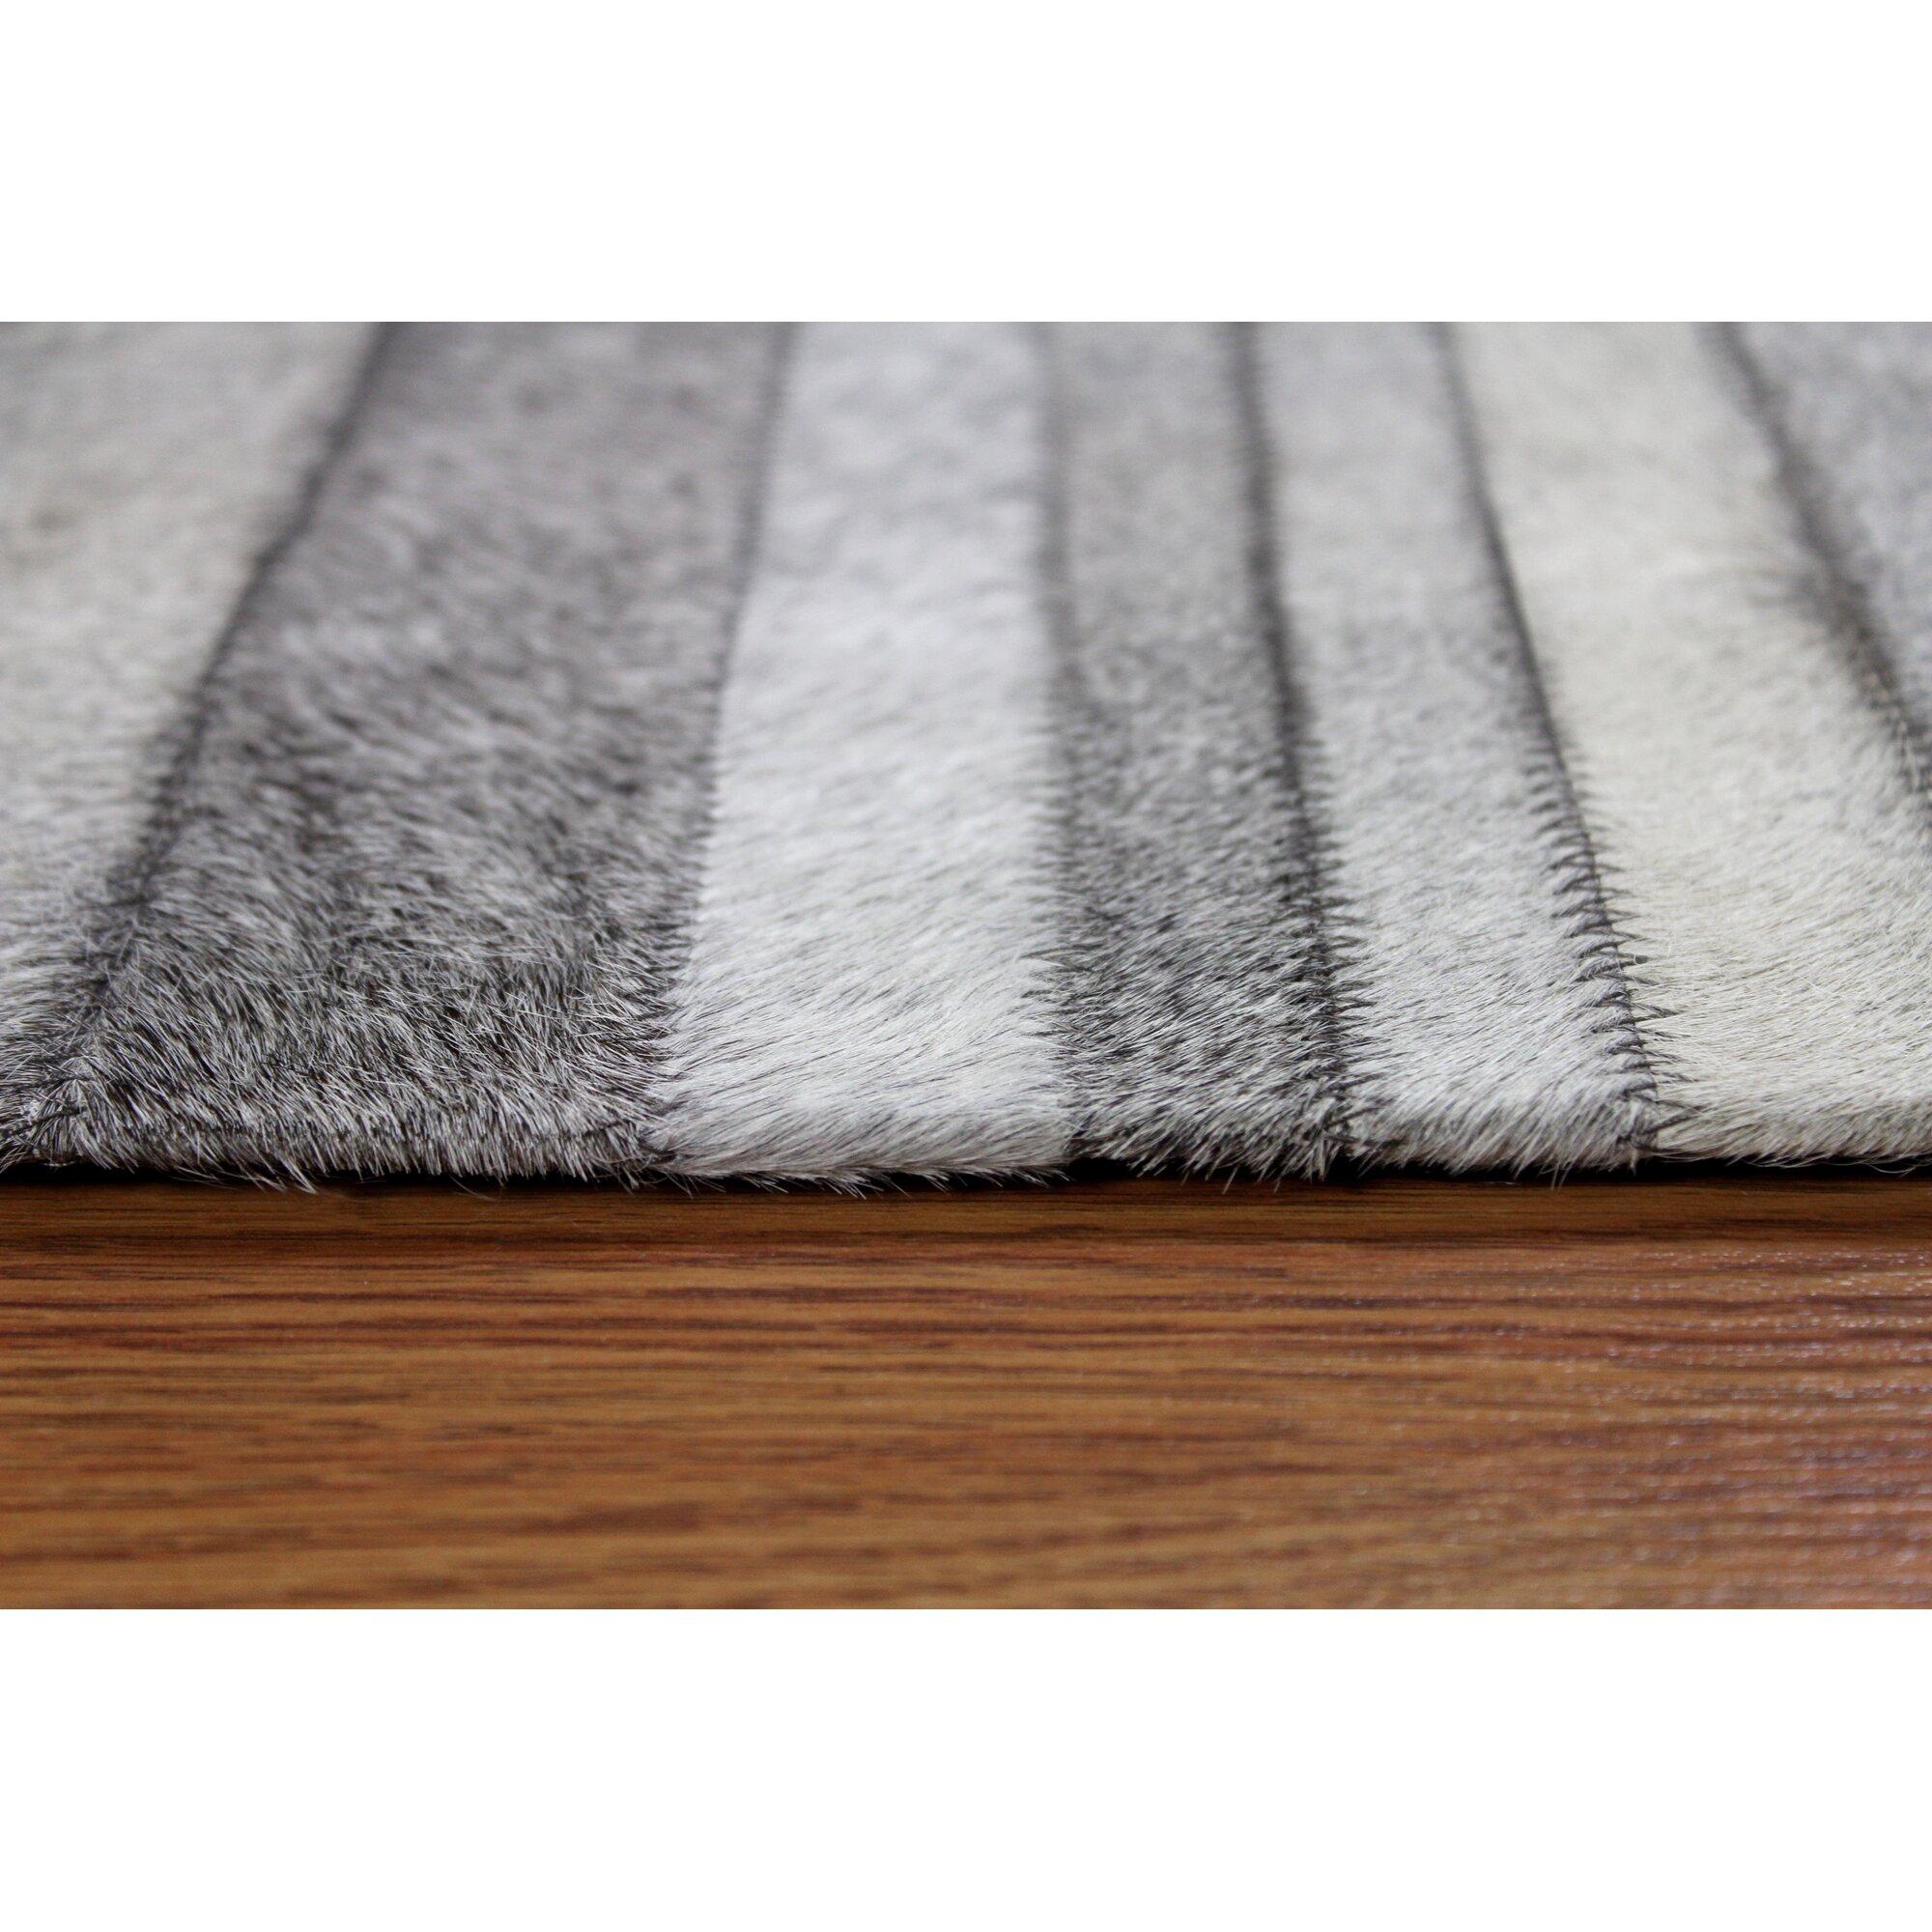 moti rugs hair on hide grey area rug reviews